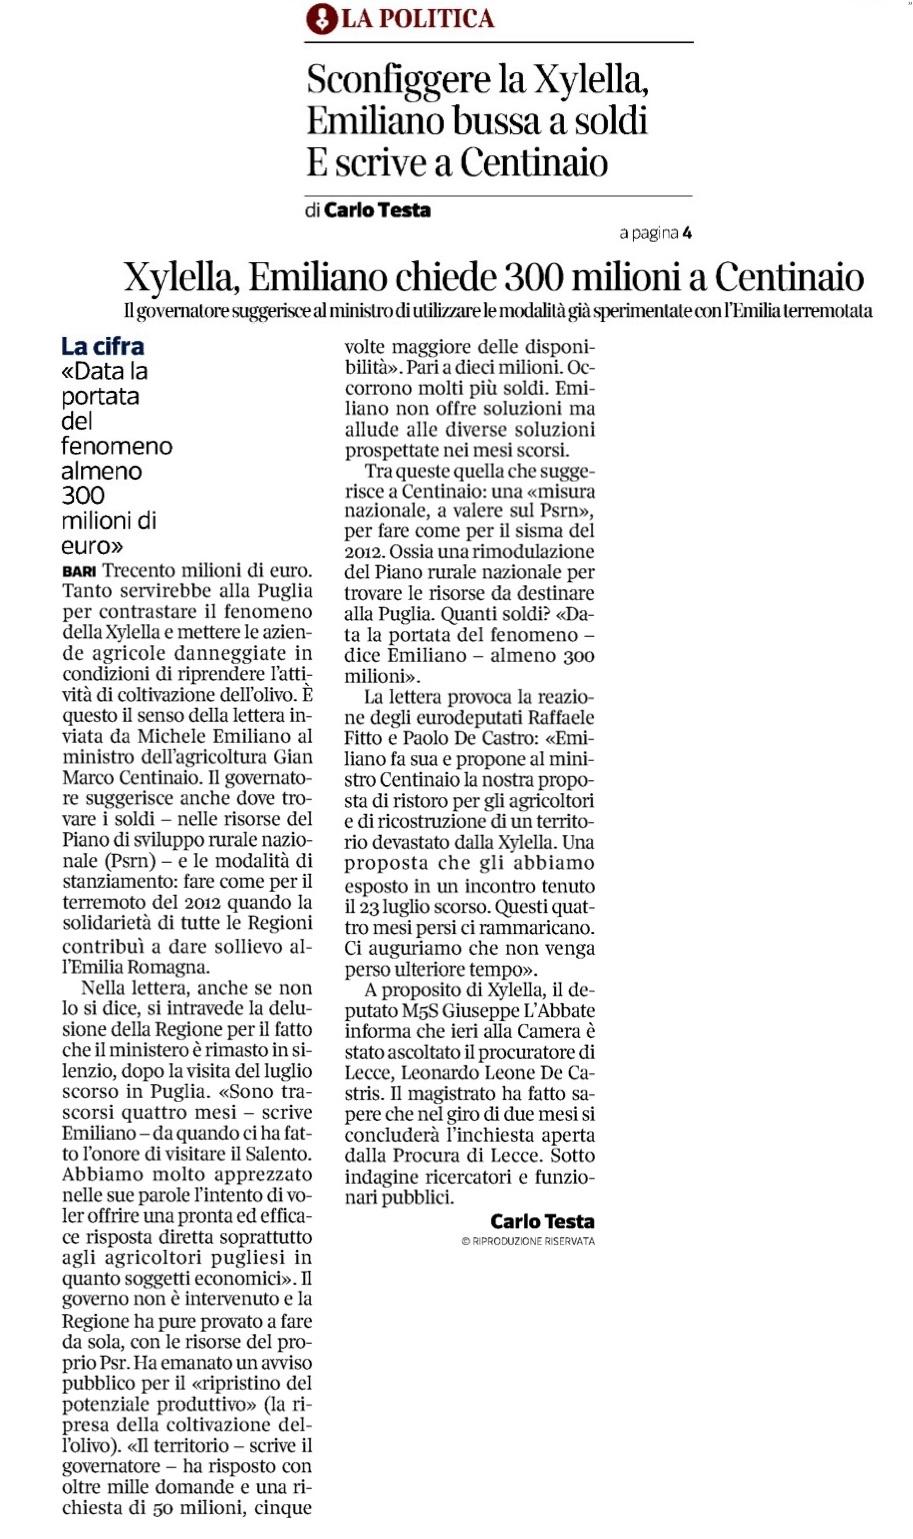 Il Corriere del Mezzogiorno - 8.11.2018